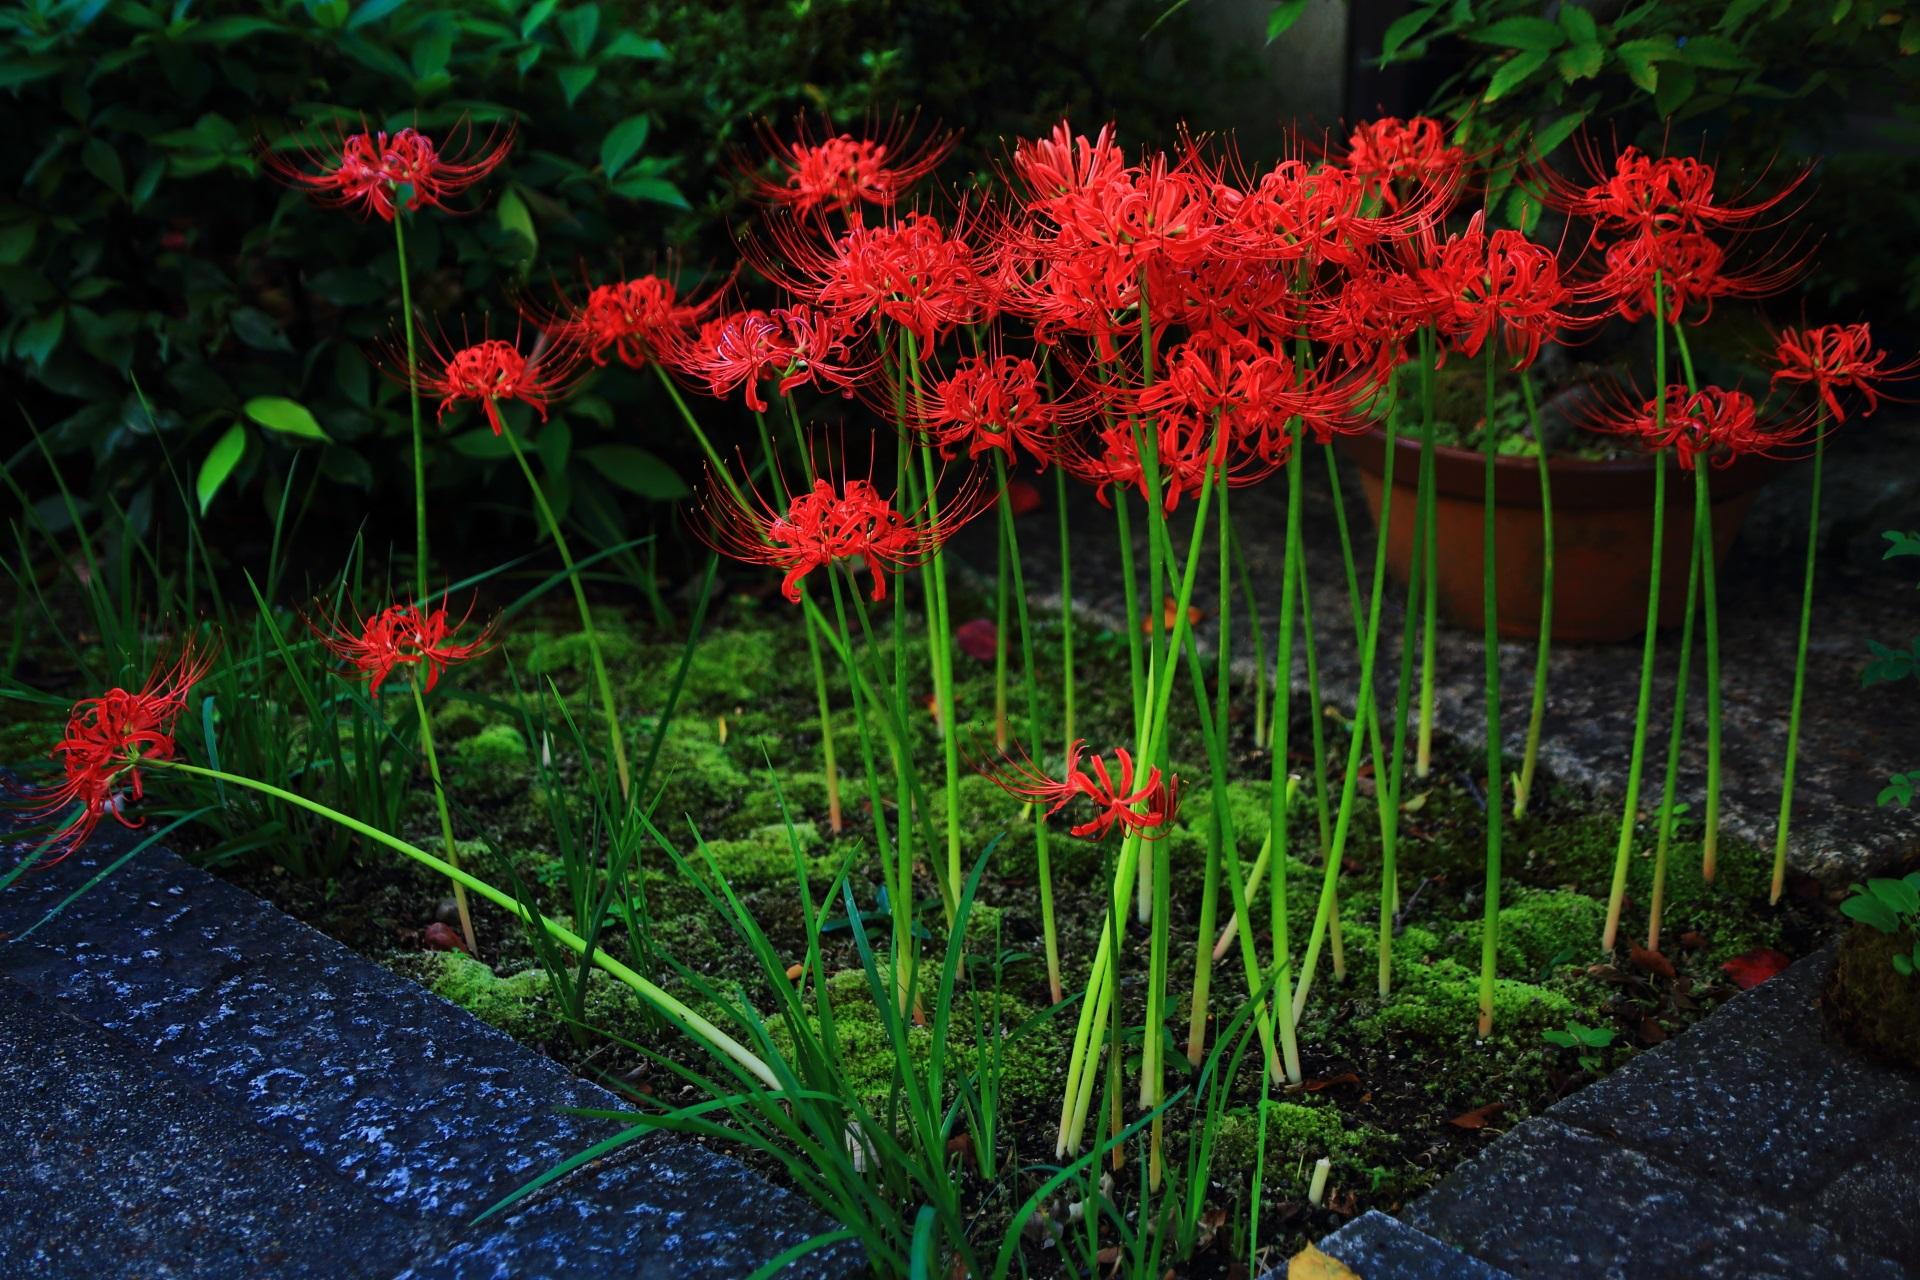 妙蓮寺の素晴らしい彼岸花や芙蓉の花